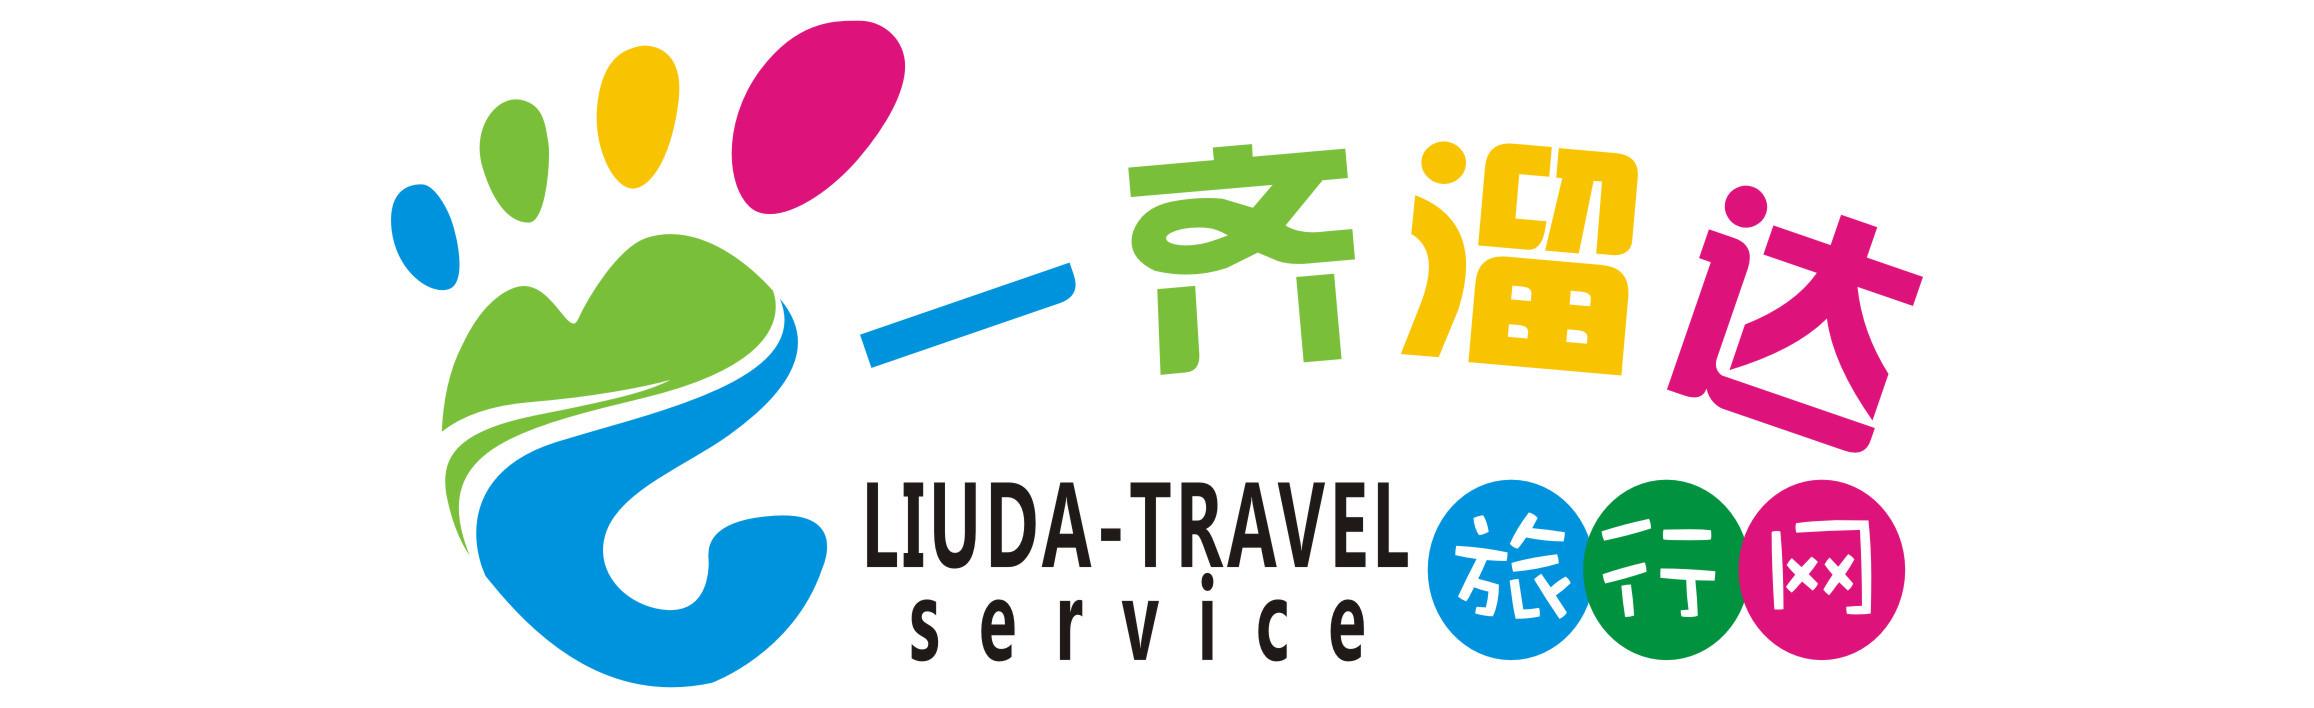 logo logo 标志 设计 矢量 矢量图 素材 图标 2314_708